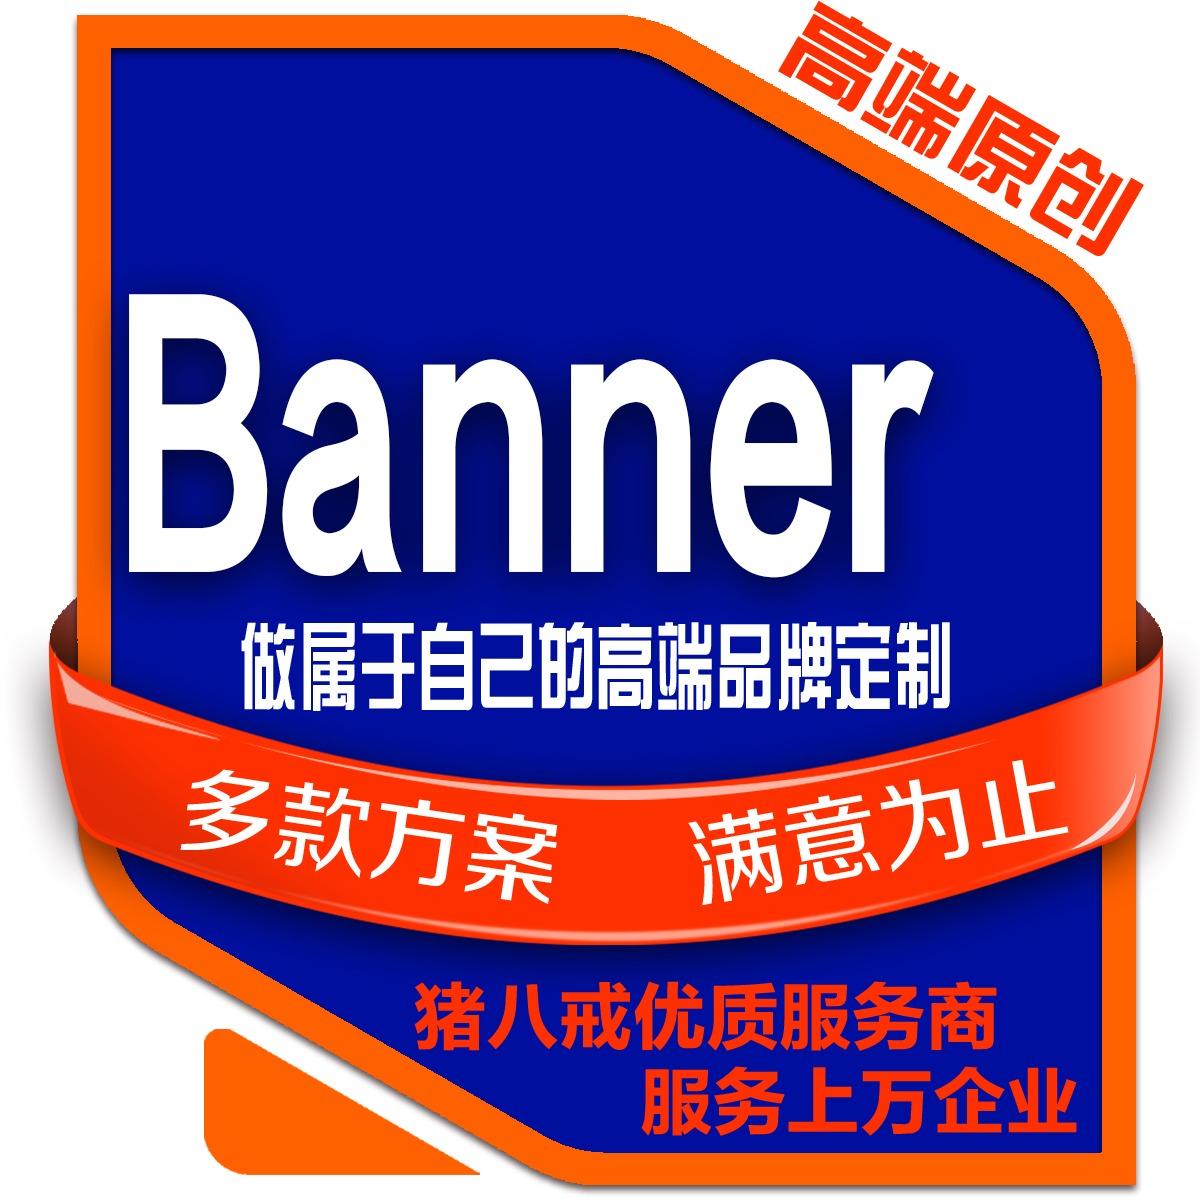 banner设计天猫淘宝网店个性化创意时尚主图网站轮播图设计